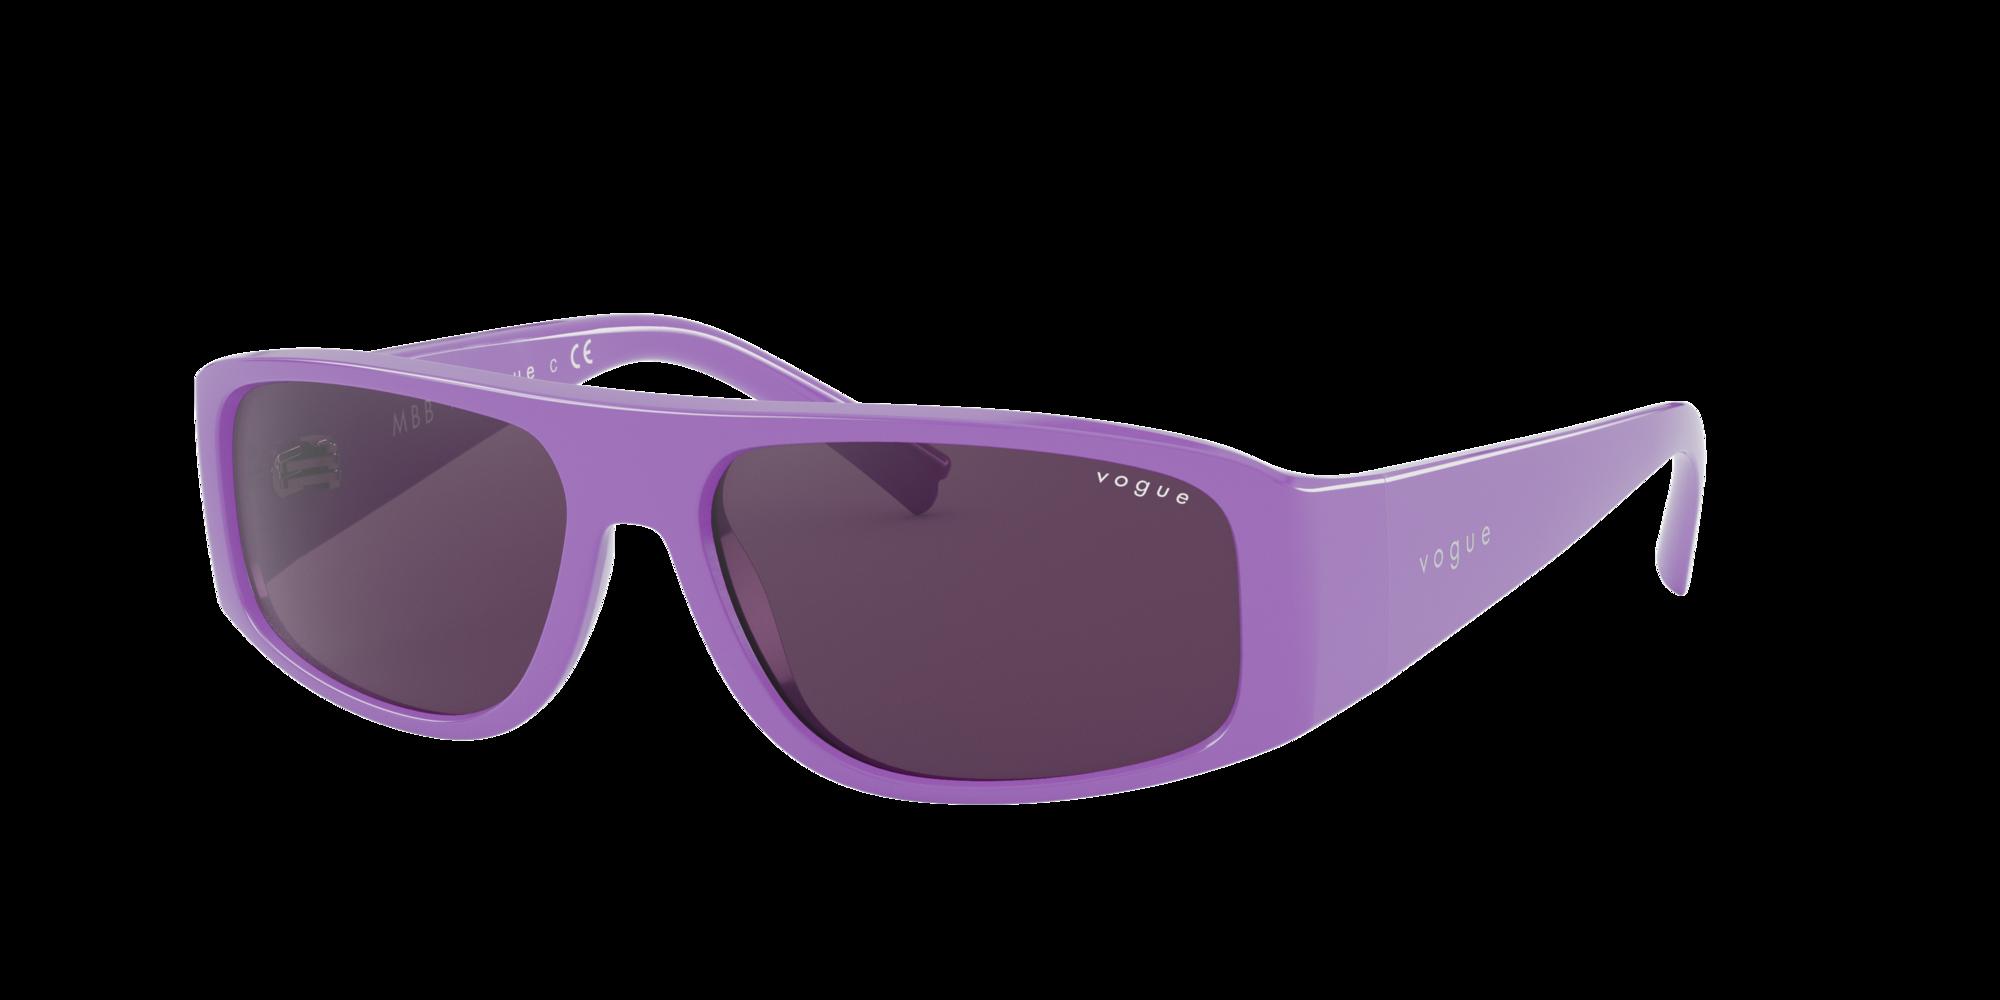 Vogue Eyewear Woman  VO5318S MBB X VOGUE EYEWEAR -  Frame color: Violet, Lens color: Violet